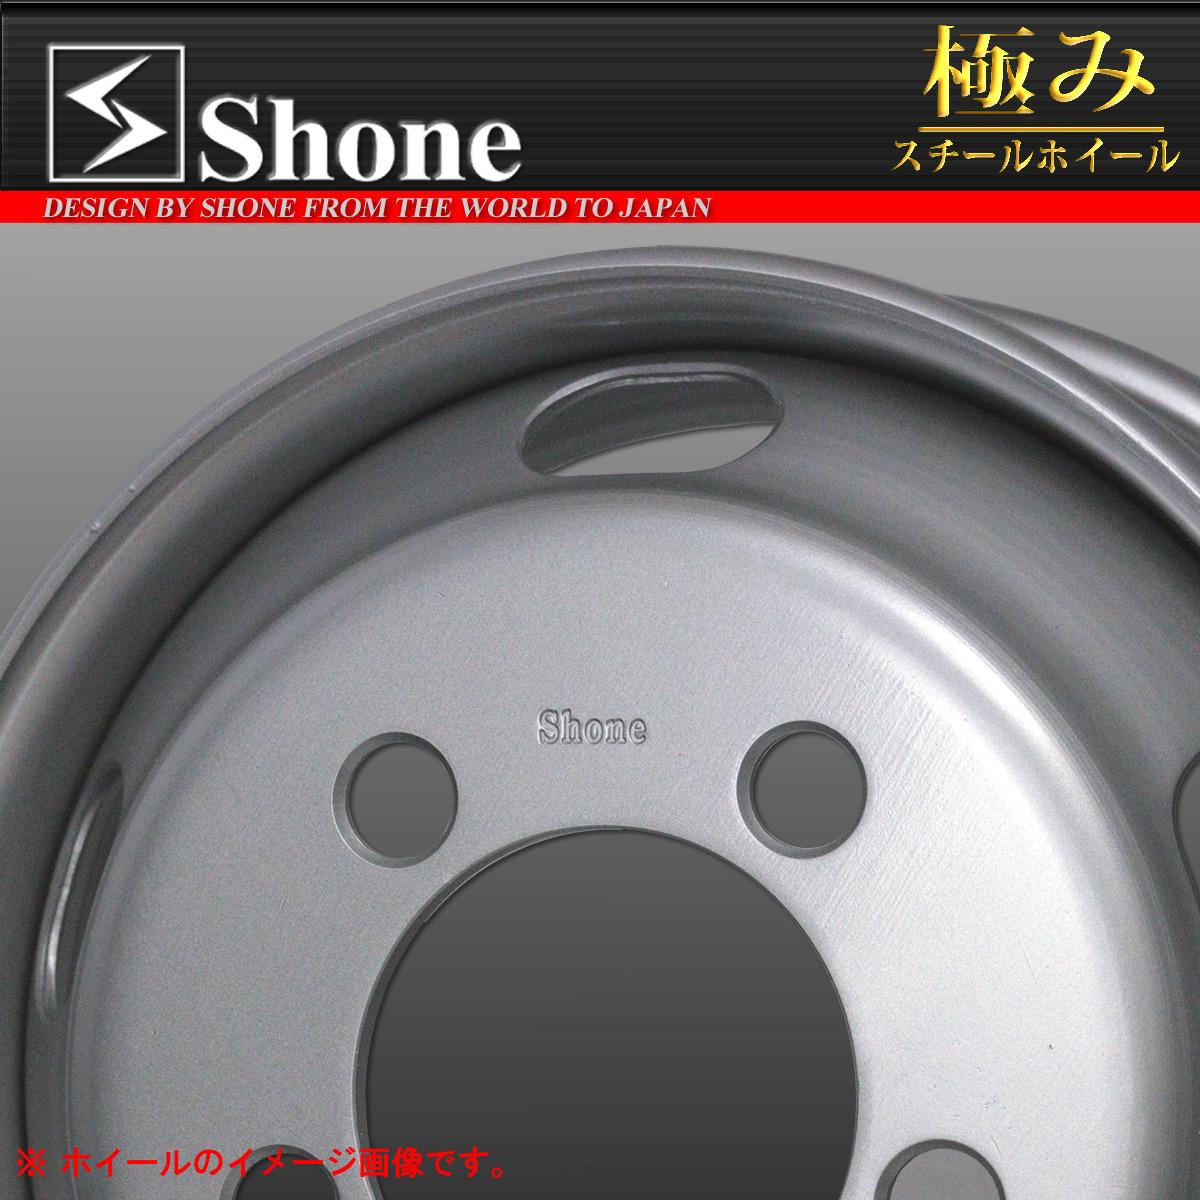 ◆SH363◆ダイナ用スチールホイール 17.5×5.25 オフセット+113 5穴 1本価格  SHONE製 2t車